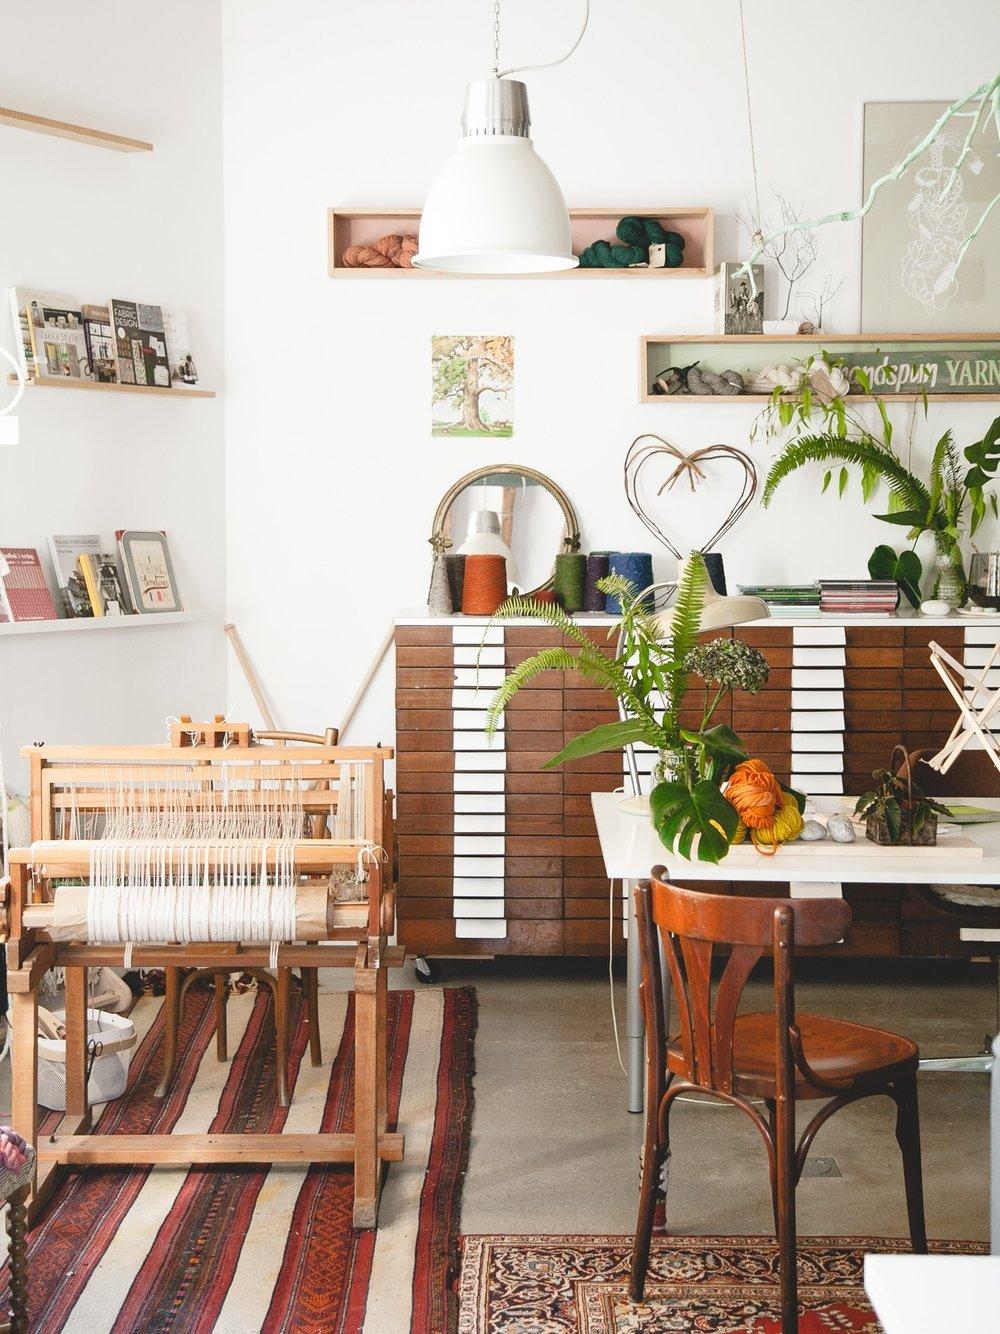 Open Studio 79 - localizado en el cosmopolita vecindario de Santa Catalina en la ciudad de Palma de Mallorca, en España.Acoge a una comunidad local de creativos, pero también tejedores, amantes del diseño como yo, procedentes de todo el mundo.Con un poco de suerte se inspirarán a través de los colores, texturas y obras de otros artistas y artesanos.En la tienda del estudio ofrezco una selección de lanas teñidas a mano, hiladas a mano, talleres… Pásate por allí.OS79 es un espacio fluctuante que se adapta a nuevas formas de creación: talleres con algunos de nuestros artistas invitados, un pop-up de un artesano local y otros eventos especiales.Puedes recibir información sobre lo que sucede en Open Studio 79 suscribiéndote a nuestra newsletter.… O mejor aún, ¡también puedes pasarte a saludar en persona!